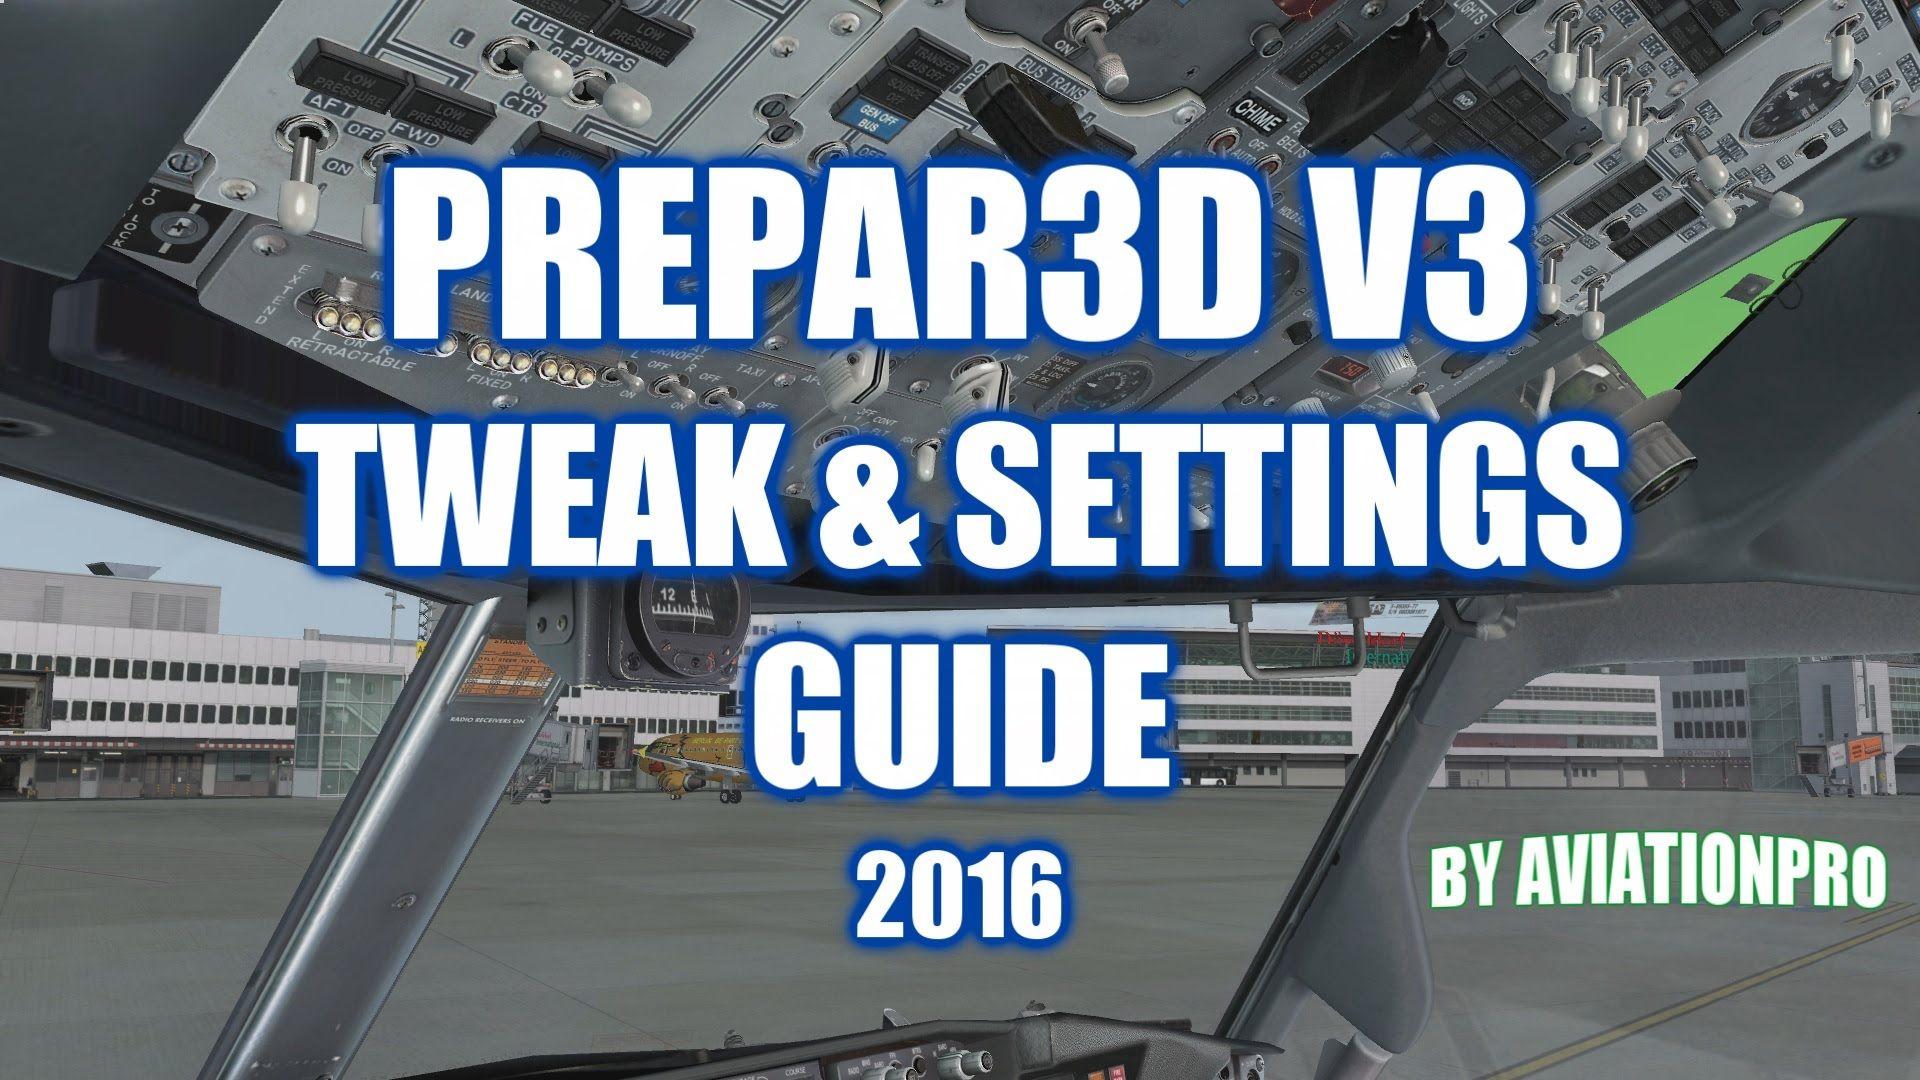 AviationPro's Prepar3D V3 Tweak & Settings Guide! [2016